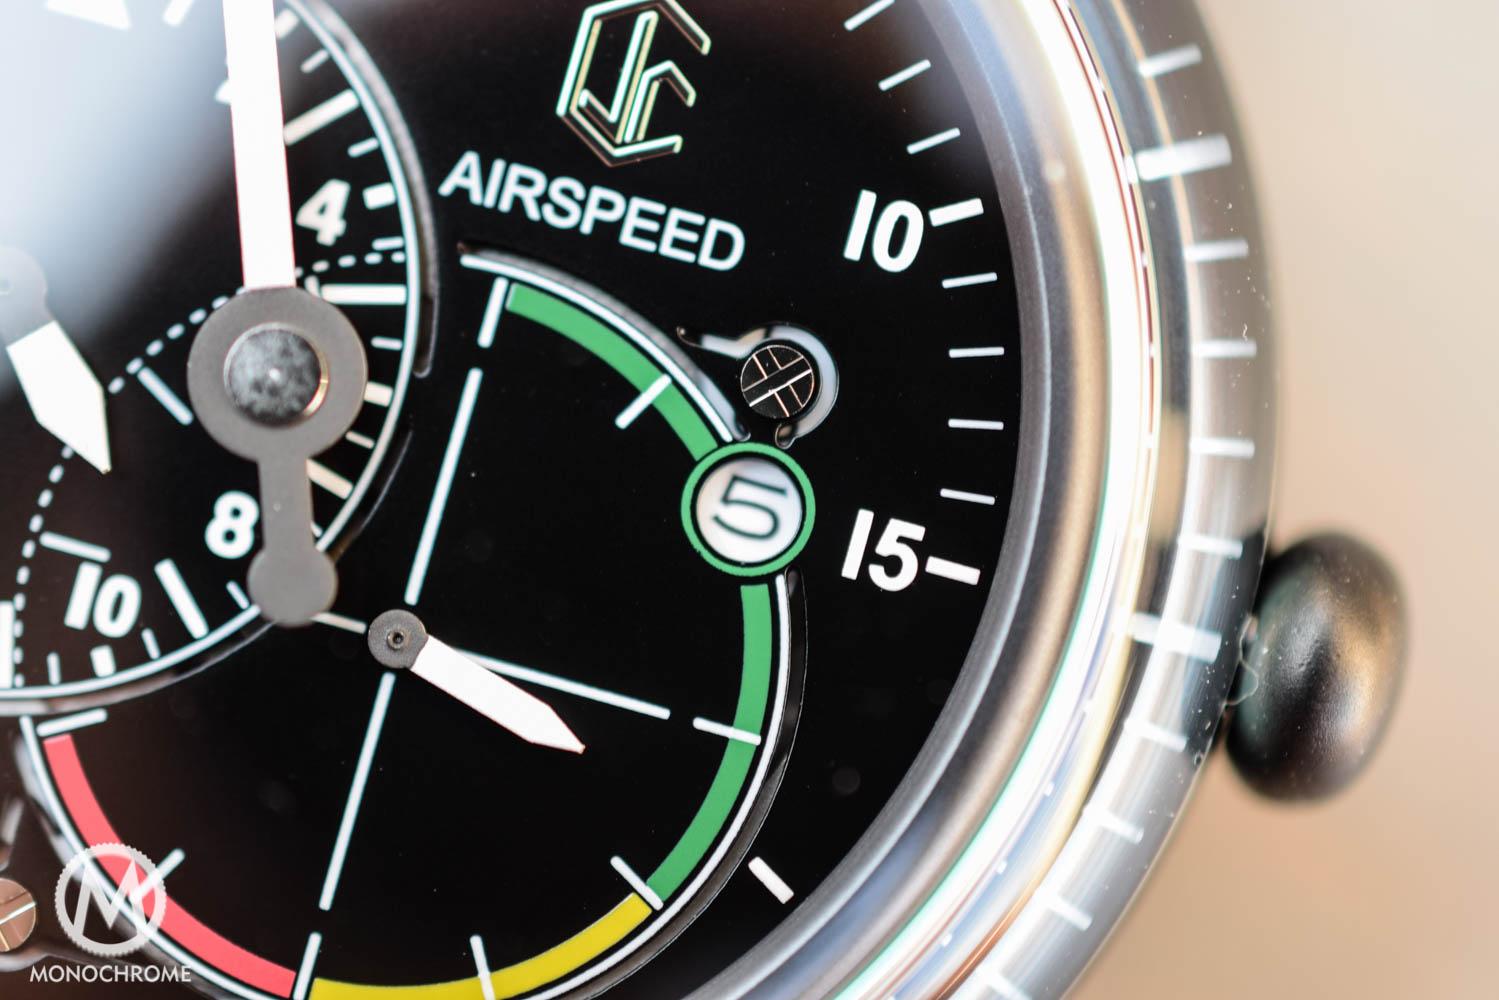 CJR Airspeed